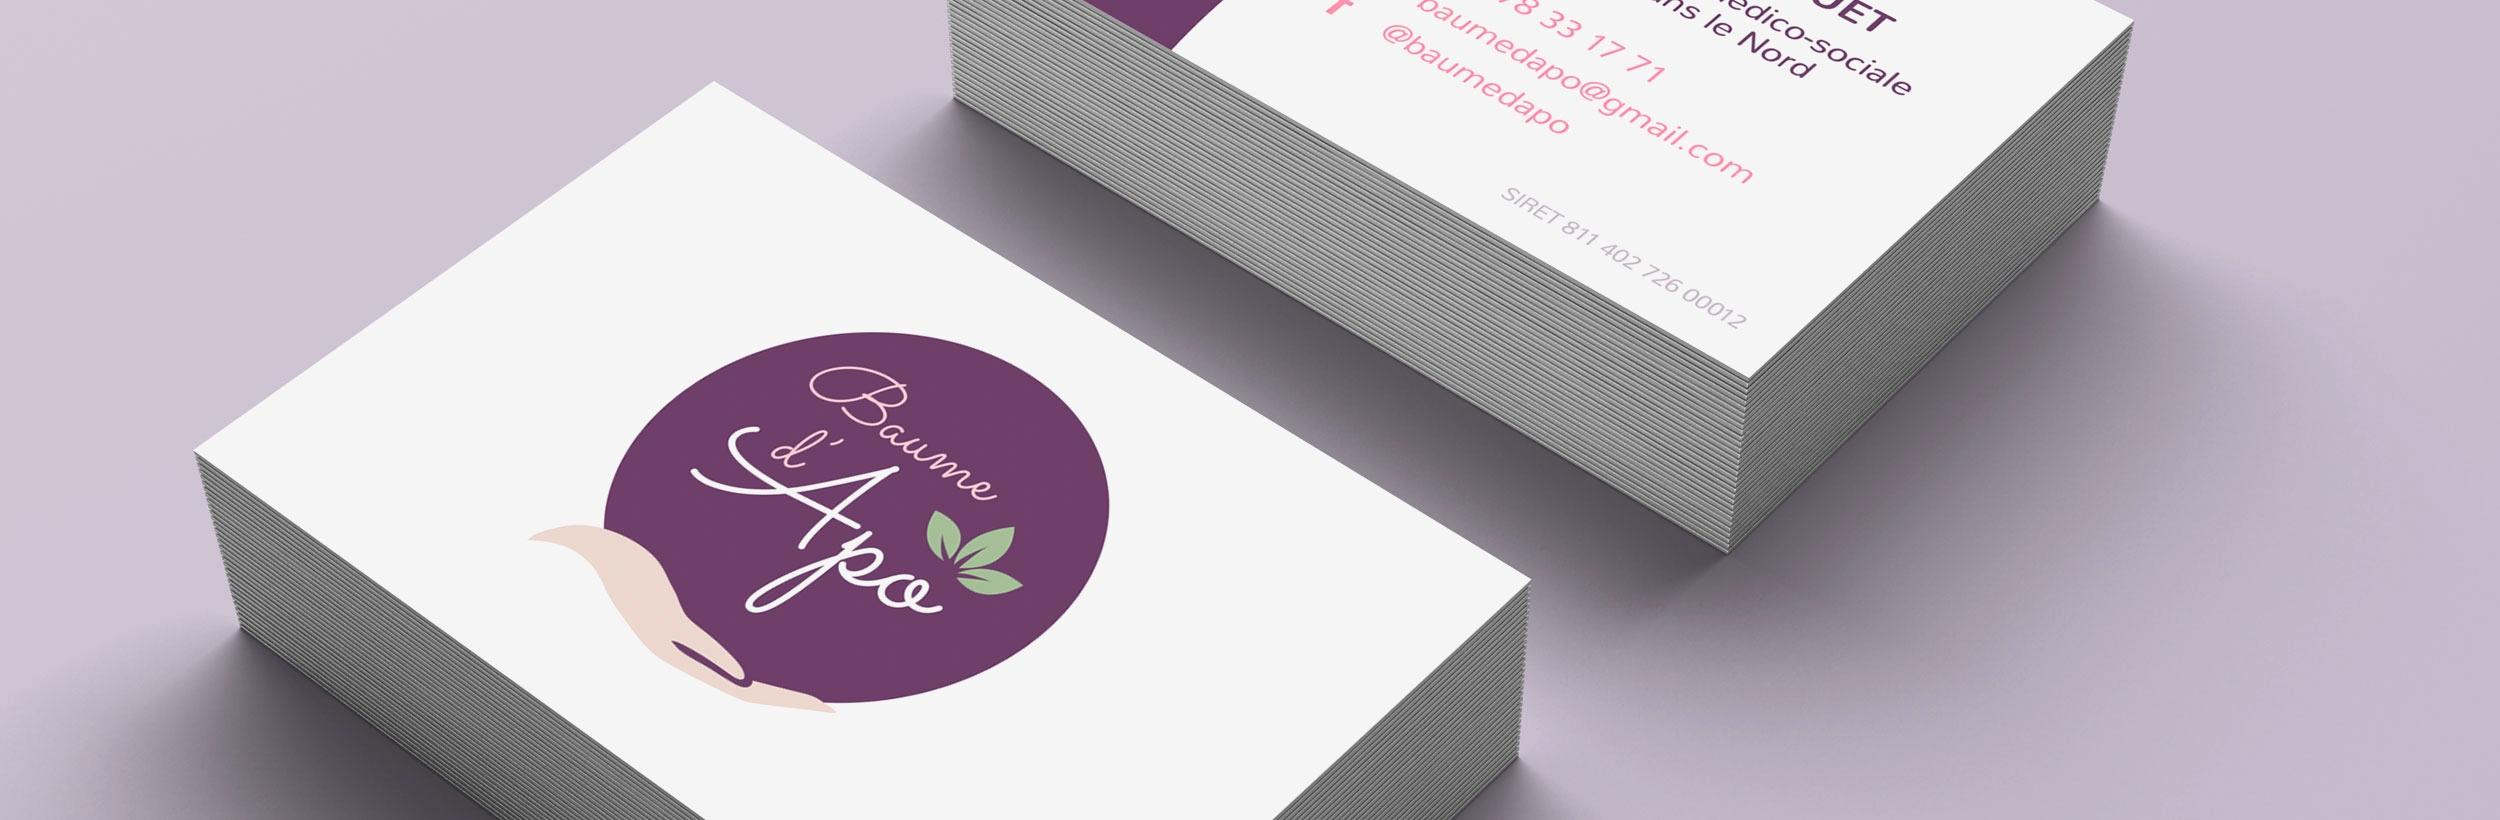 professionnels-print-identite-visuelle-baumedapo-pagetop